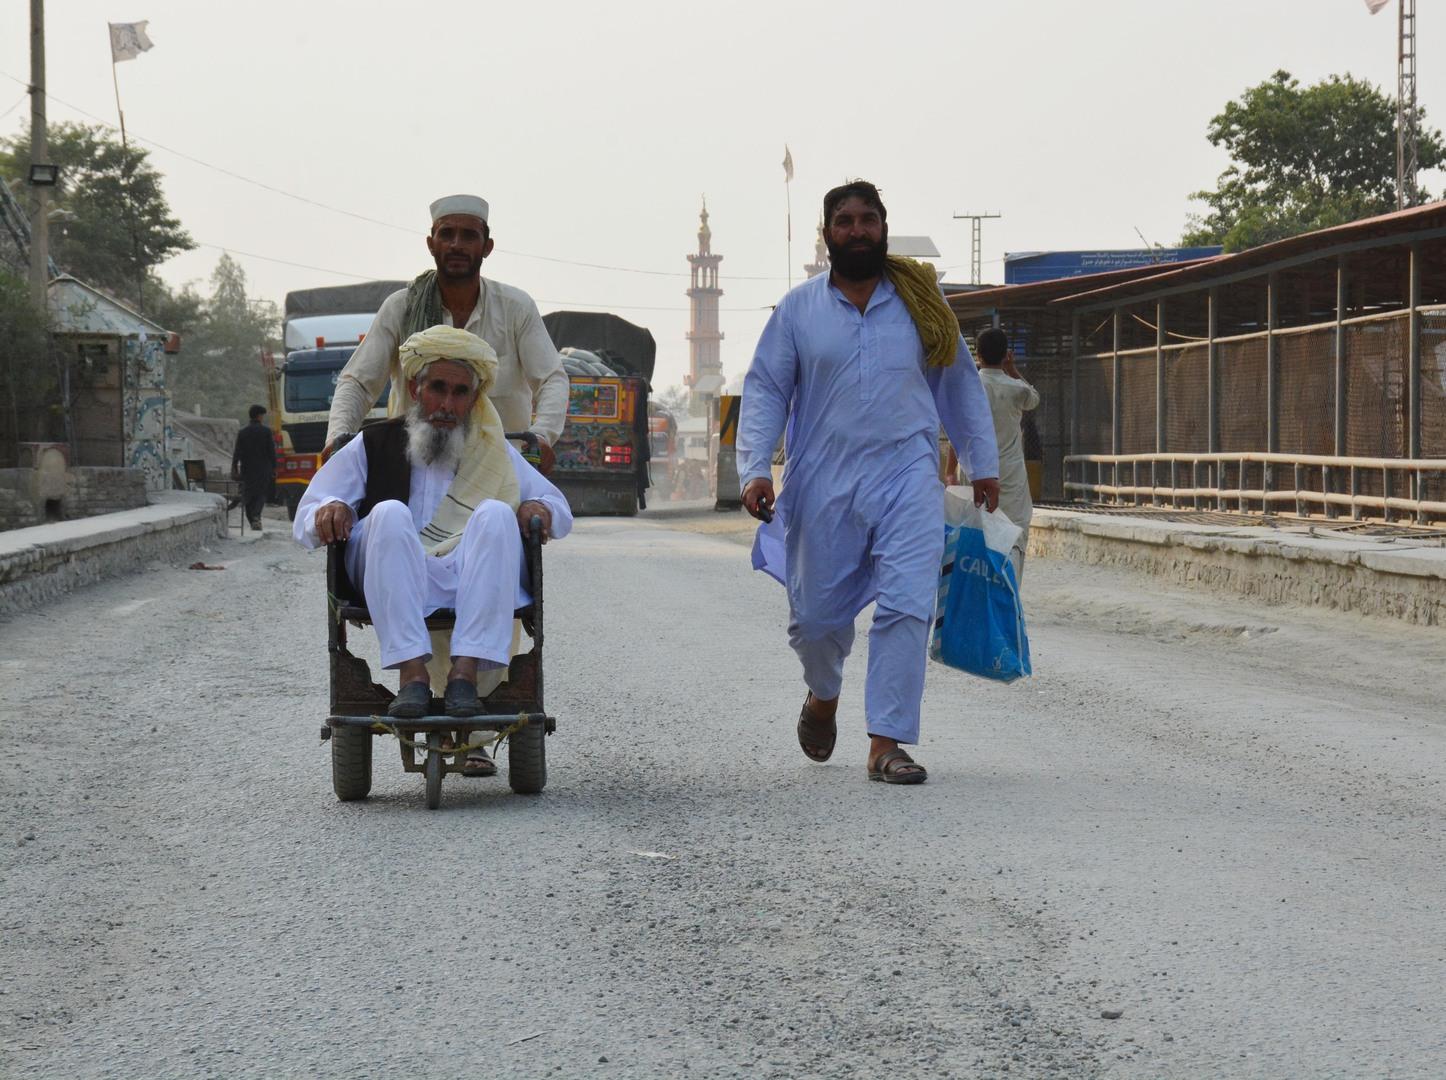 لاجؤون أفغان يتوجهون إلى الحدود الباكستانية